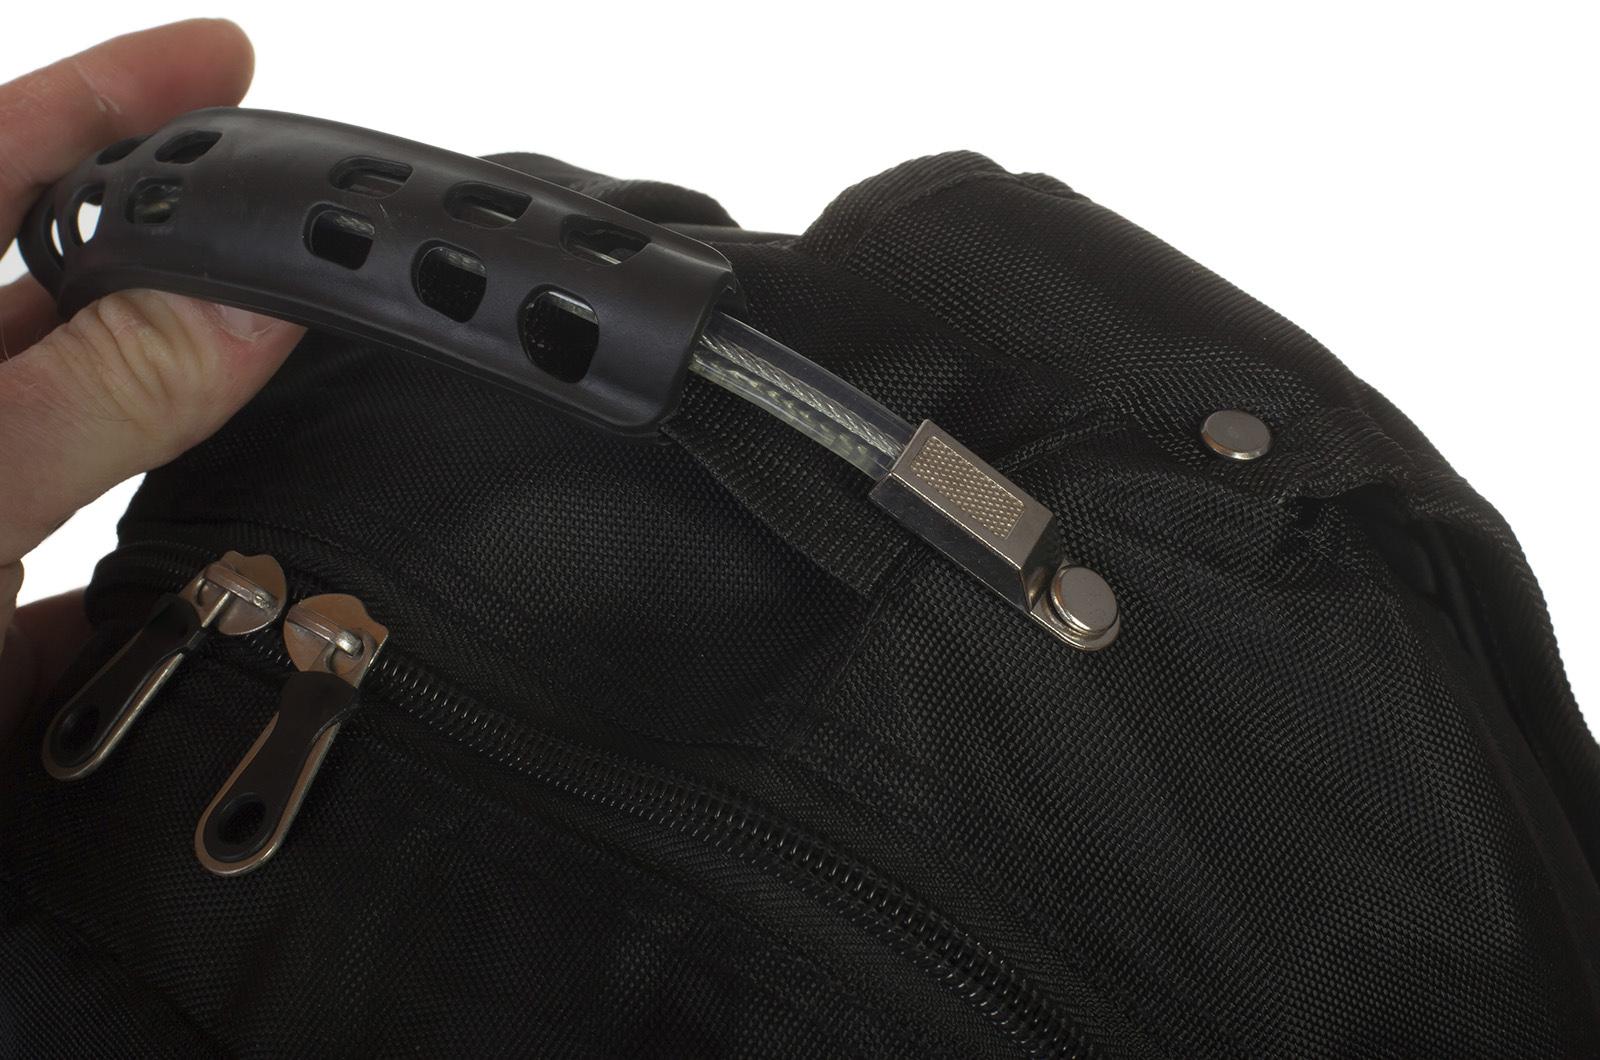 Зачетный мужской рюкзак с нашивкой войска Спецназ Снайпер купить оптом